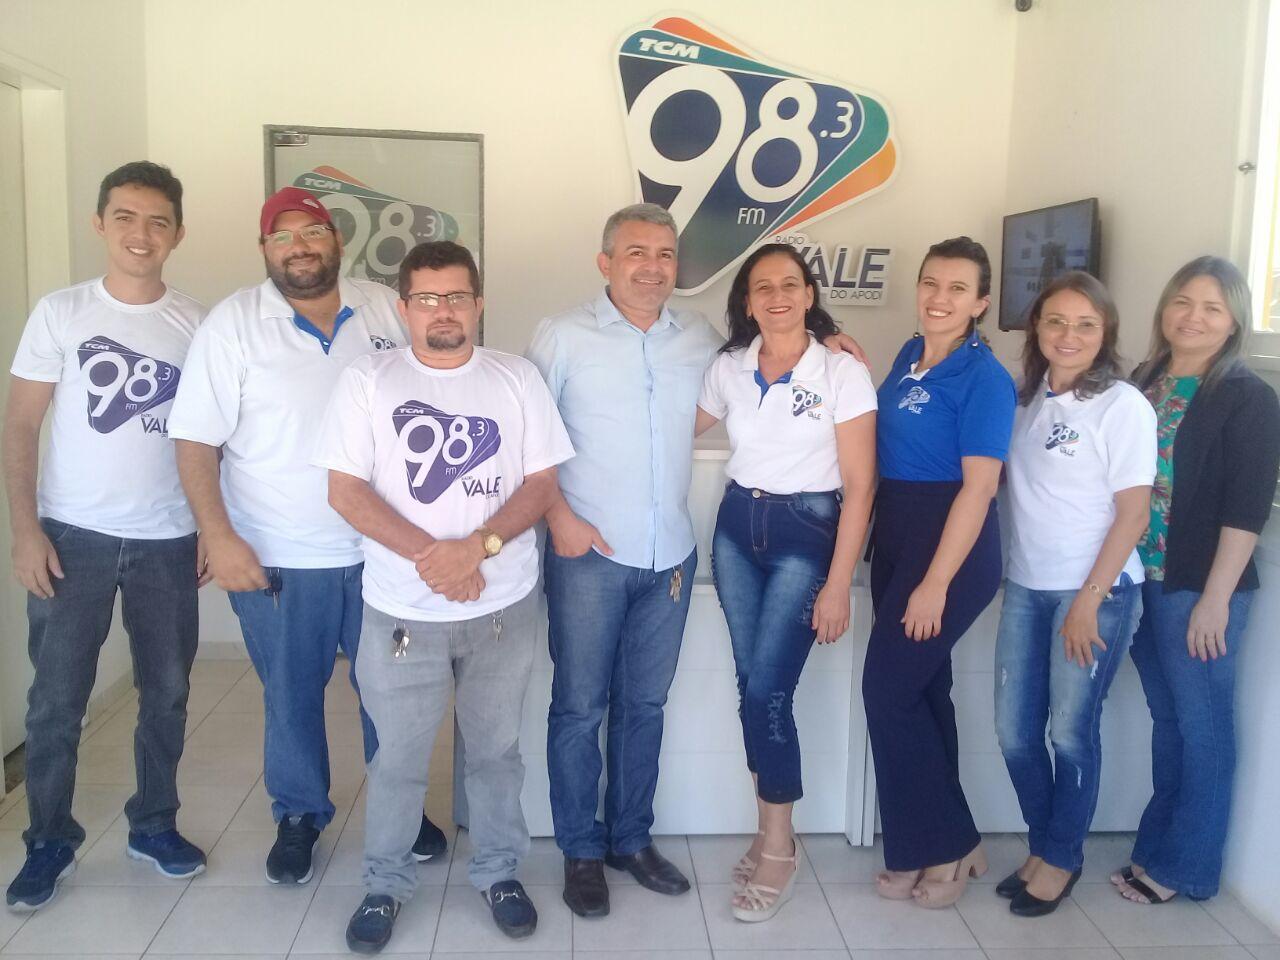 No nome de Fernando Magalhães, envio um forte abraço à todos esses competentes profissionais da nova emissora apodiense FM 98.3. Muitos aplausos!